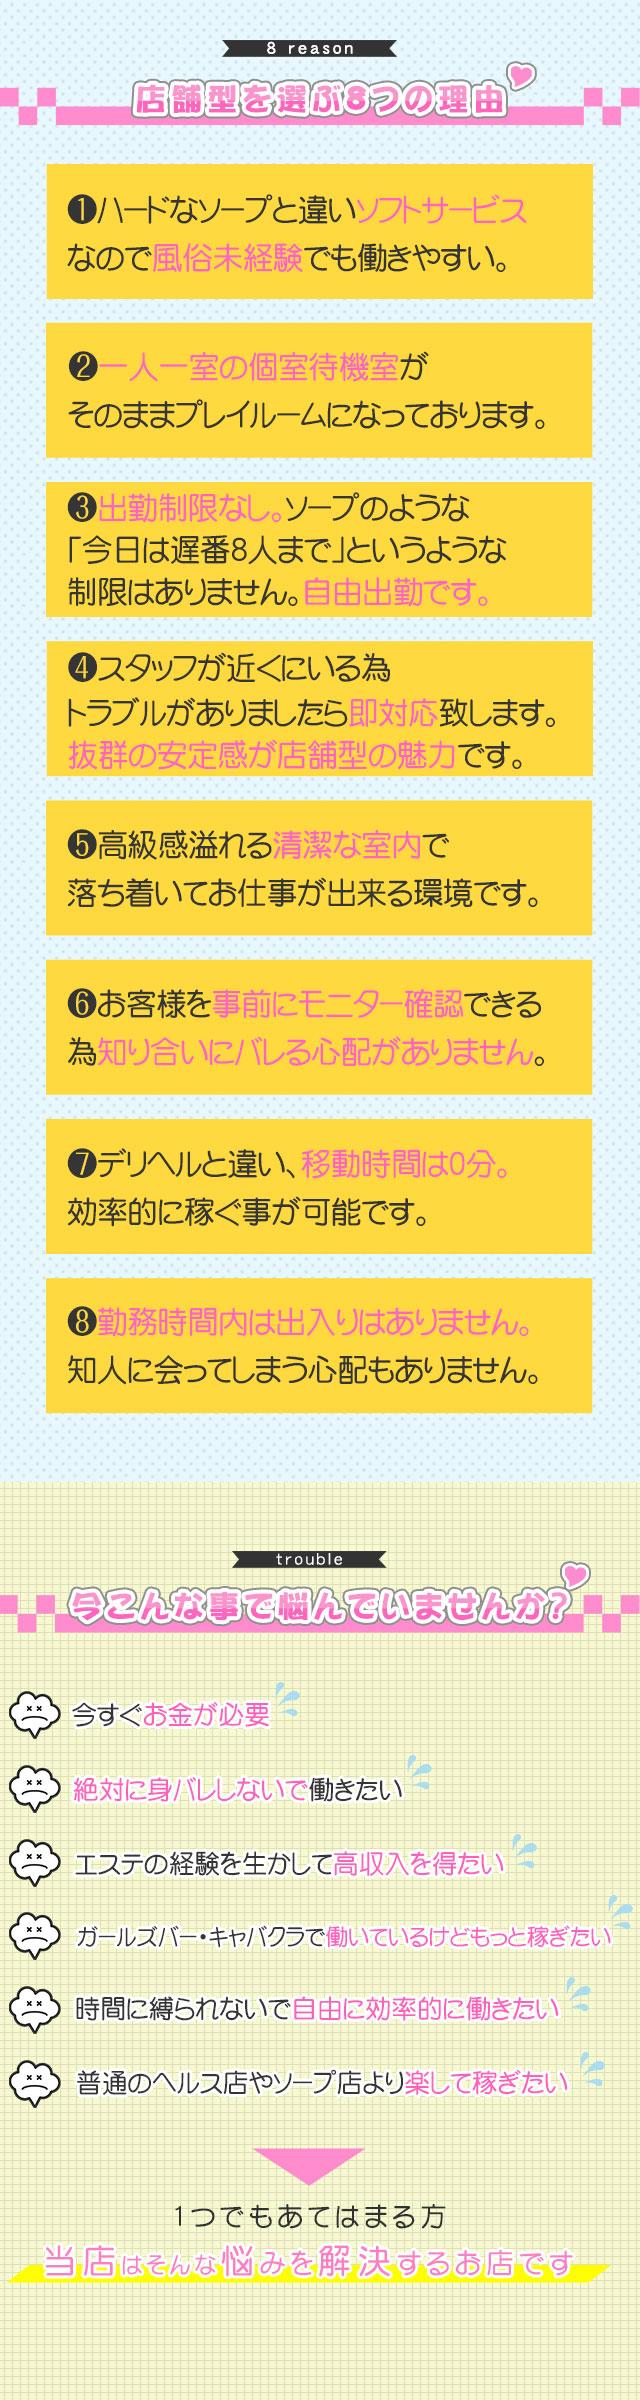 006_西川口デザイン_店舗型を選ぶ8つの理由